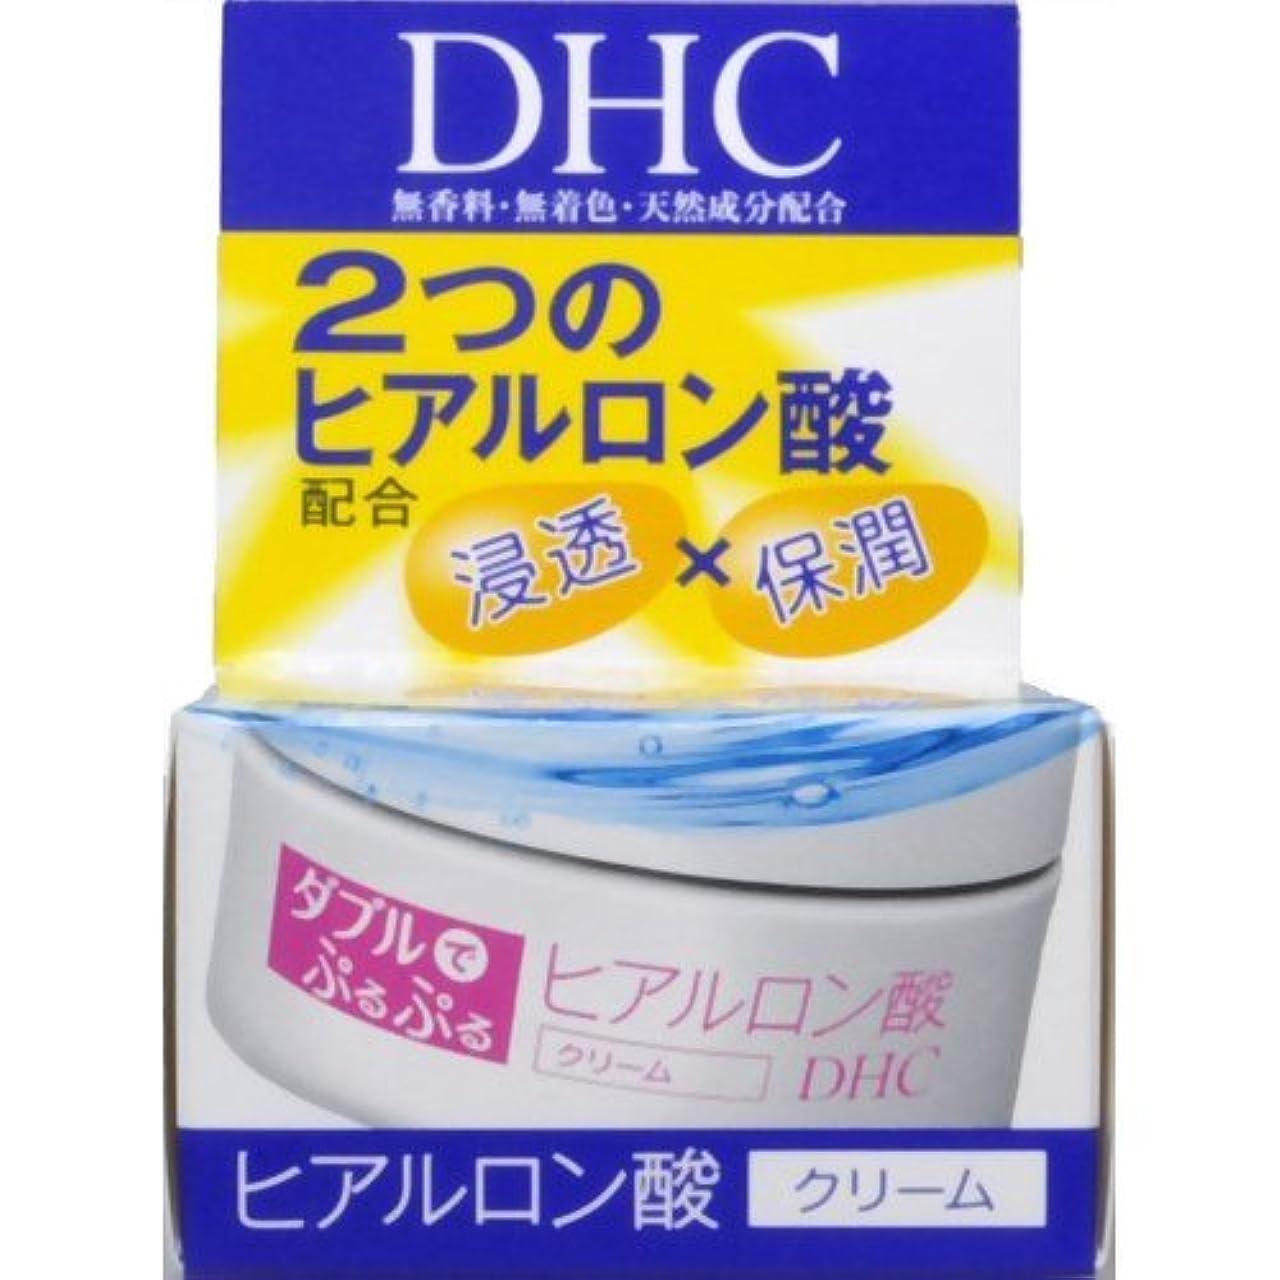 カレッジ想像力維持DHC ダブルモイスチュアクリーム 50g